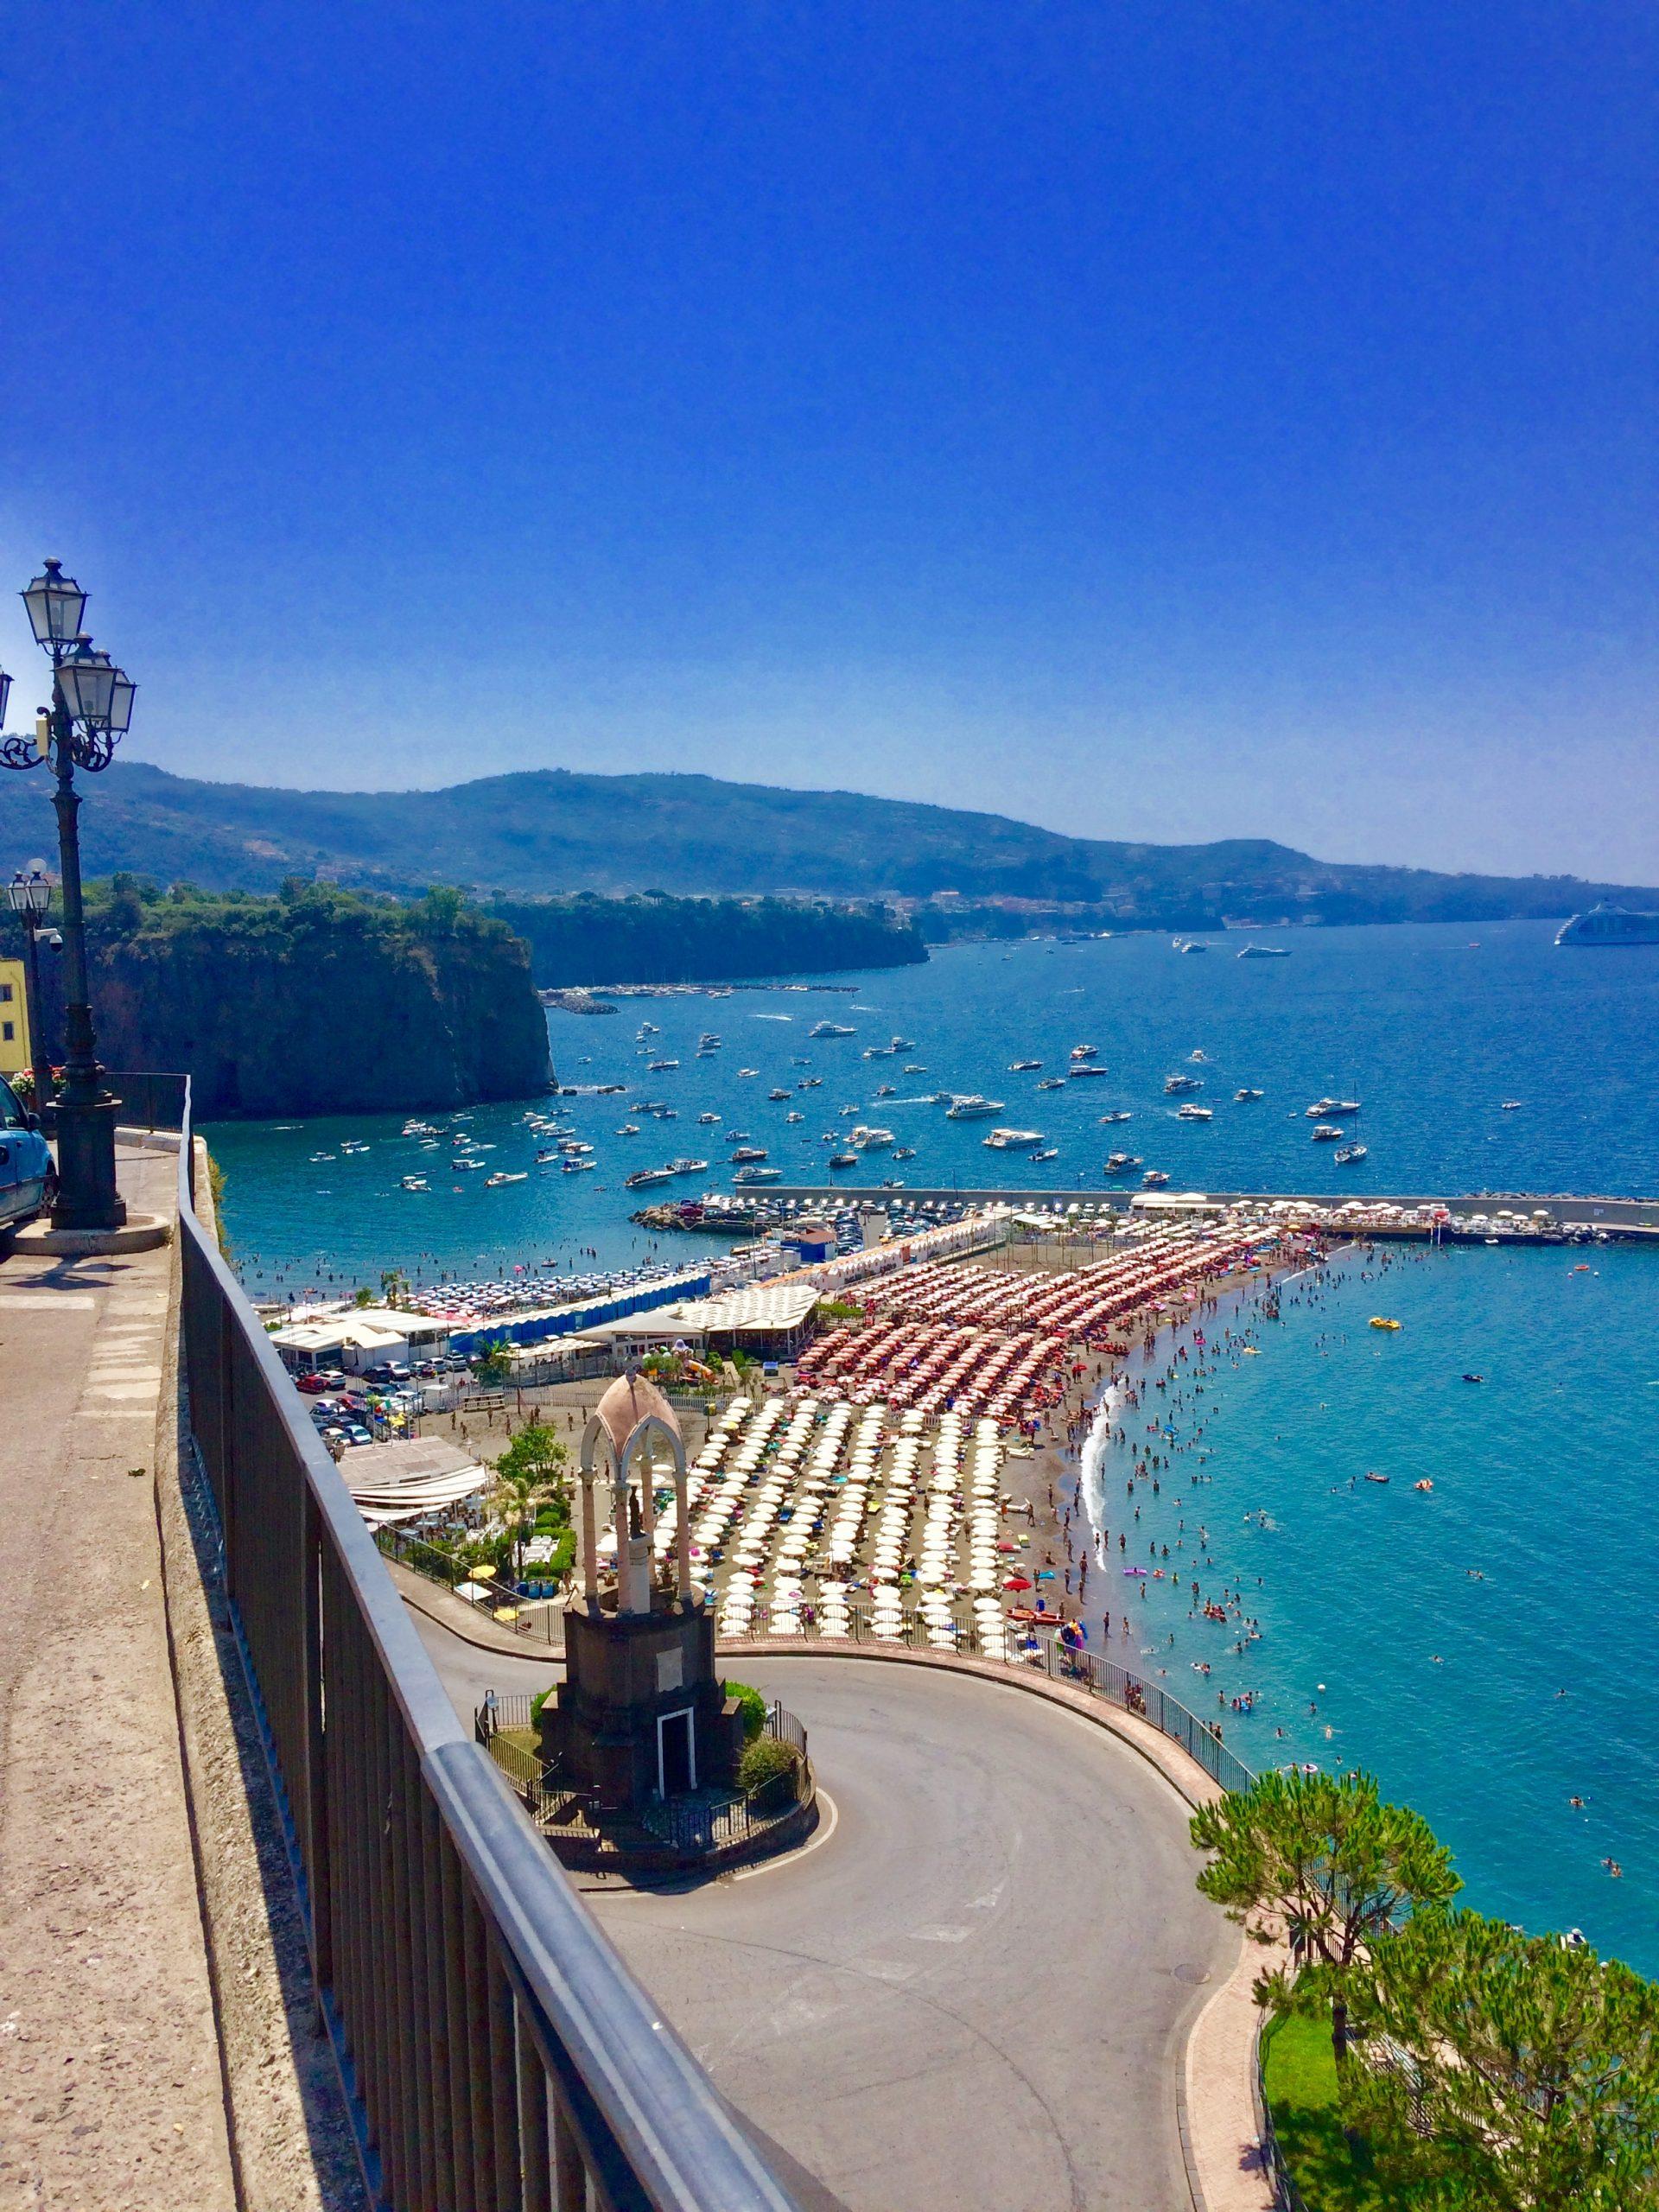 Róma-Nápoly-Sorrento-Capri - augusztus (9 nap) Irányár: 129.900 Ft/fő